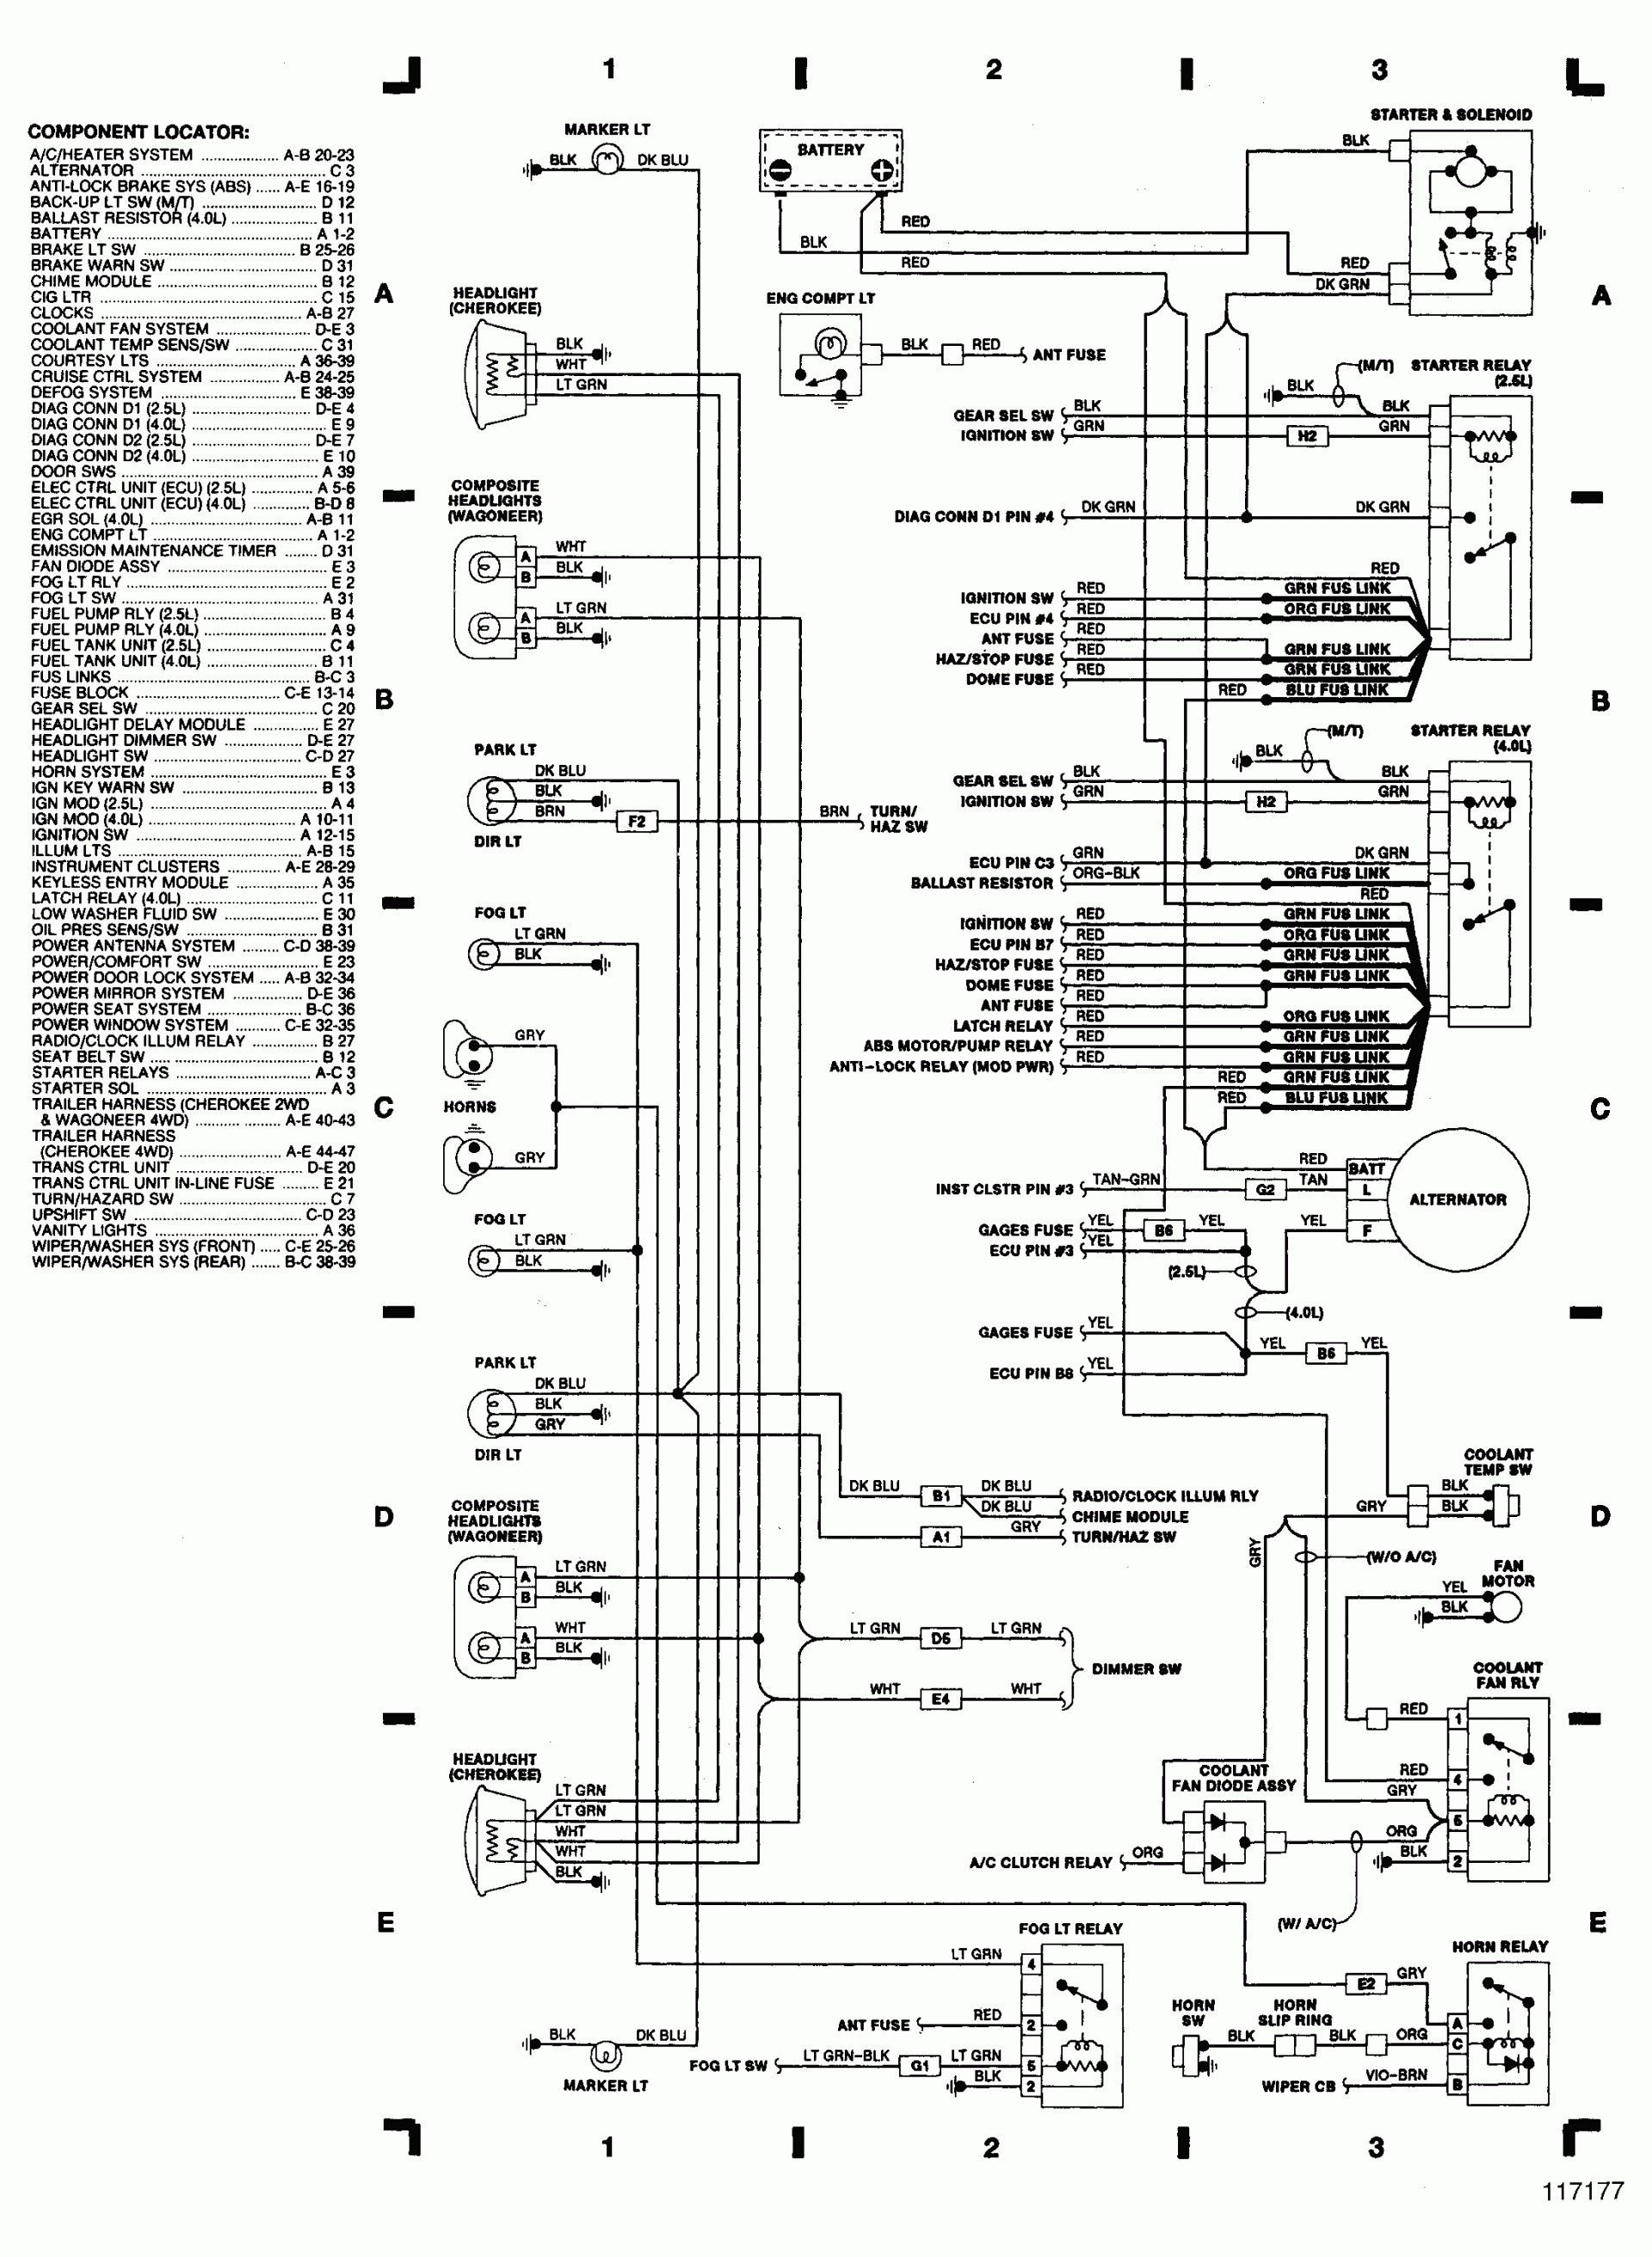 Electrical Schematic 345 John Deere Tractor 55c0 John Deere Stereo Wiring Diagram Of Electrical Schematic 345 John Deere Tractor